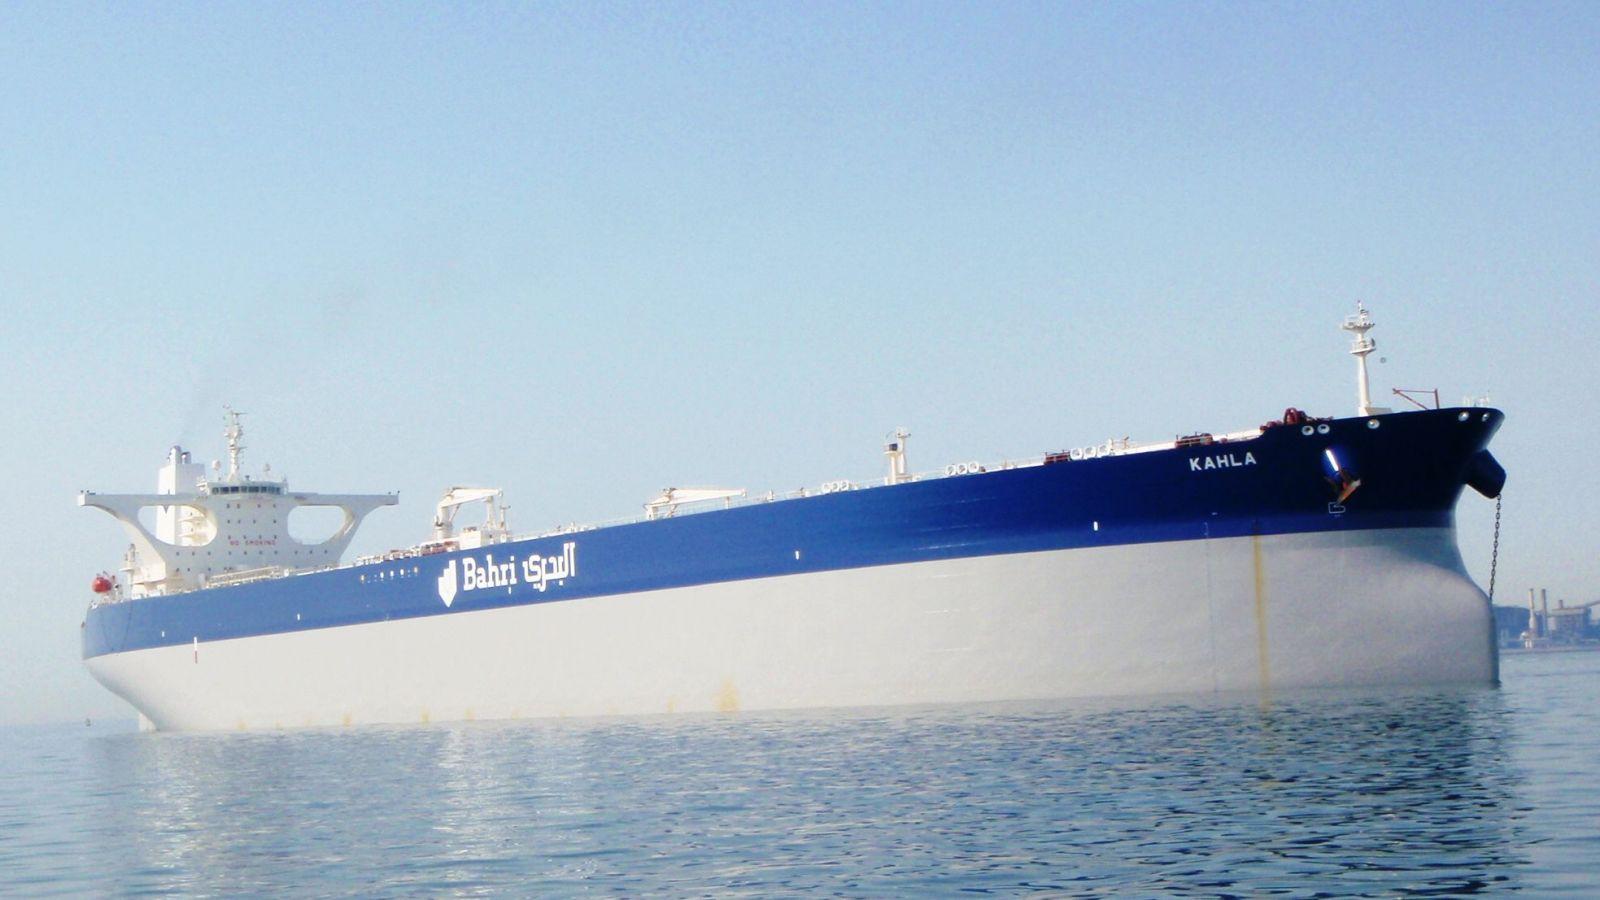 Saudi Aramco Teams Up With Hhi On Shipyard